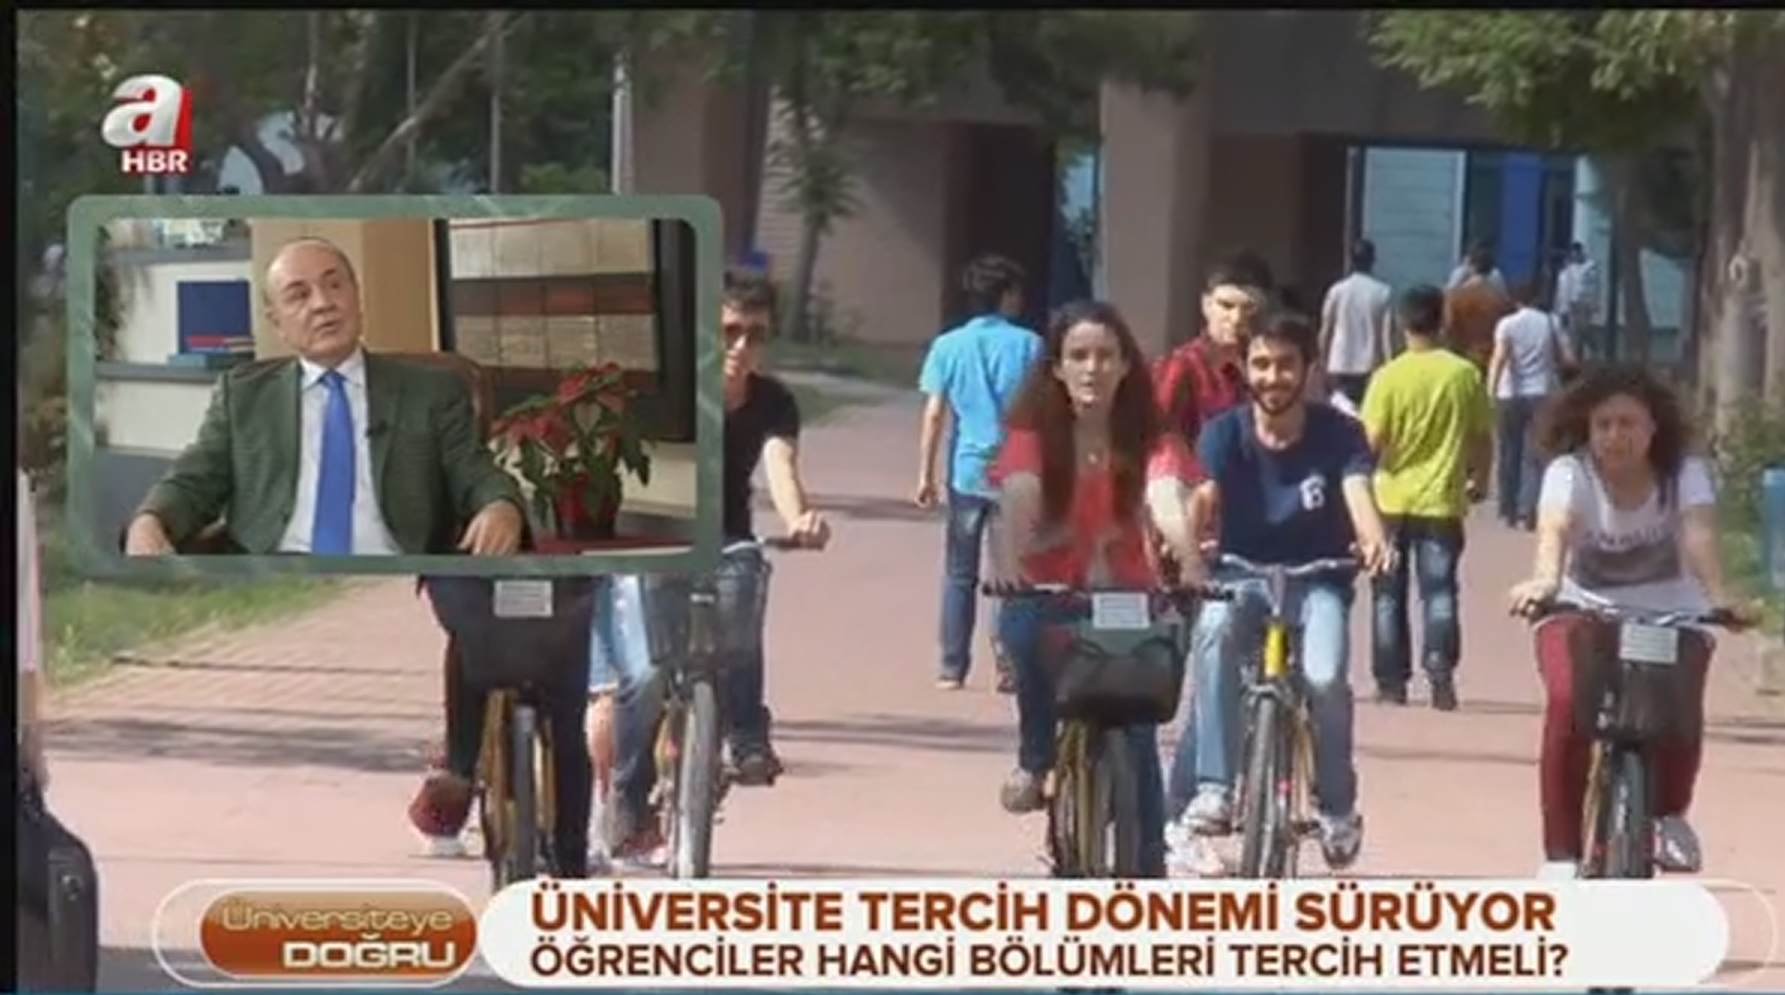 Anadolu'nun dünya üniversitesine gelin -  (3)